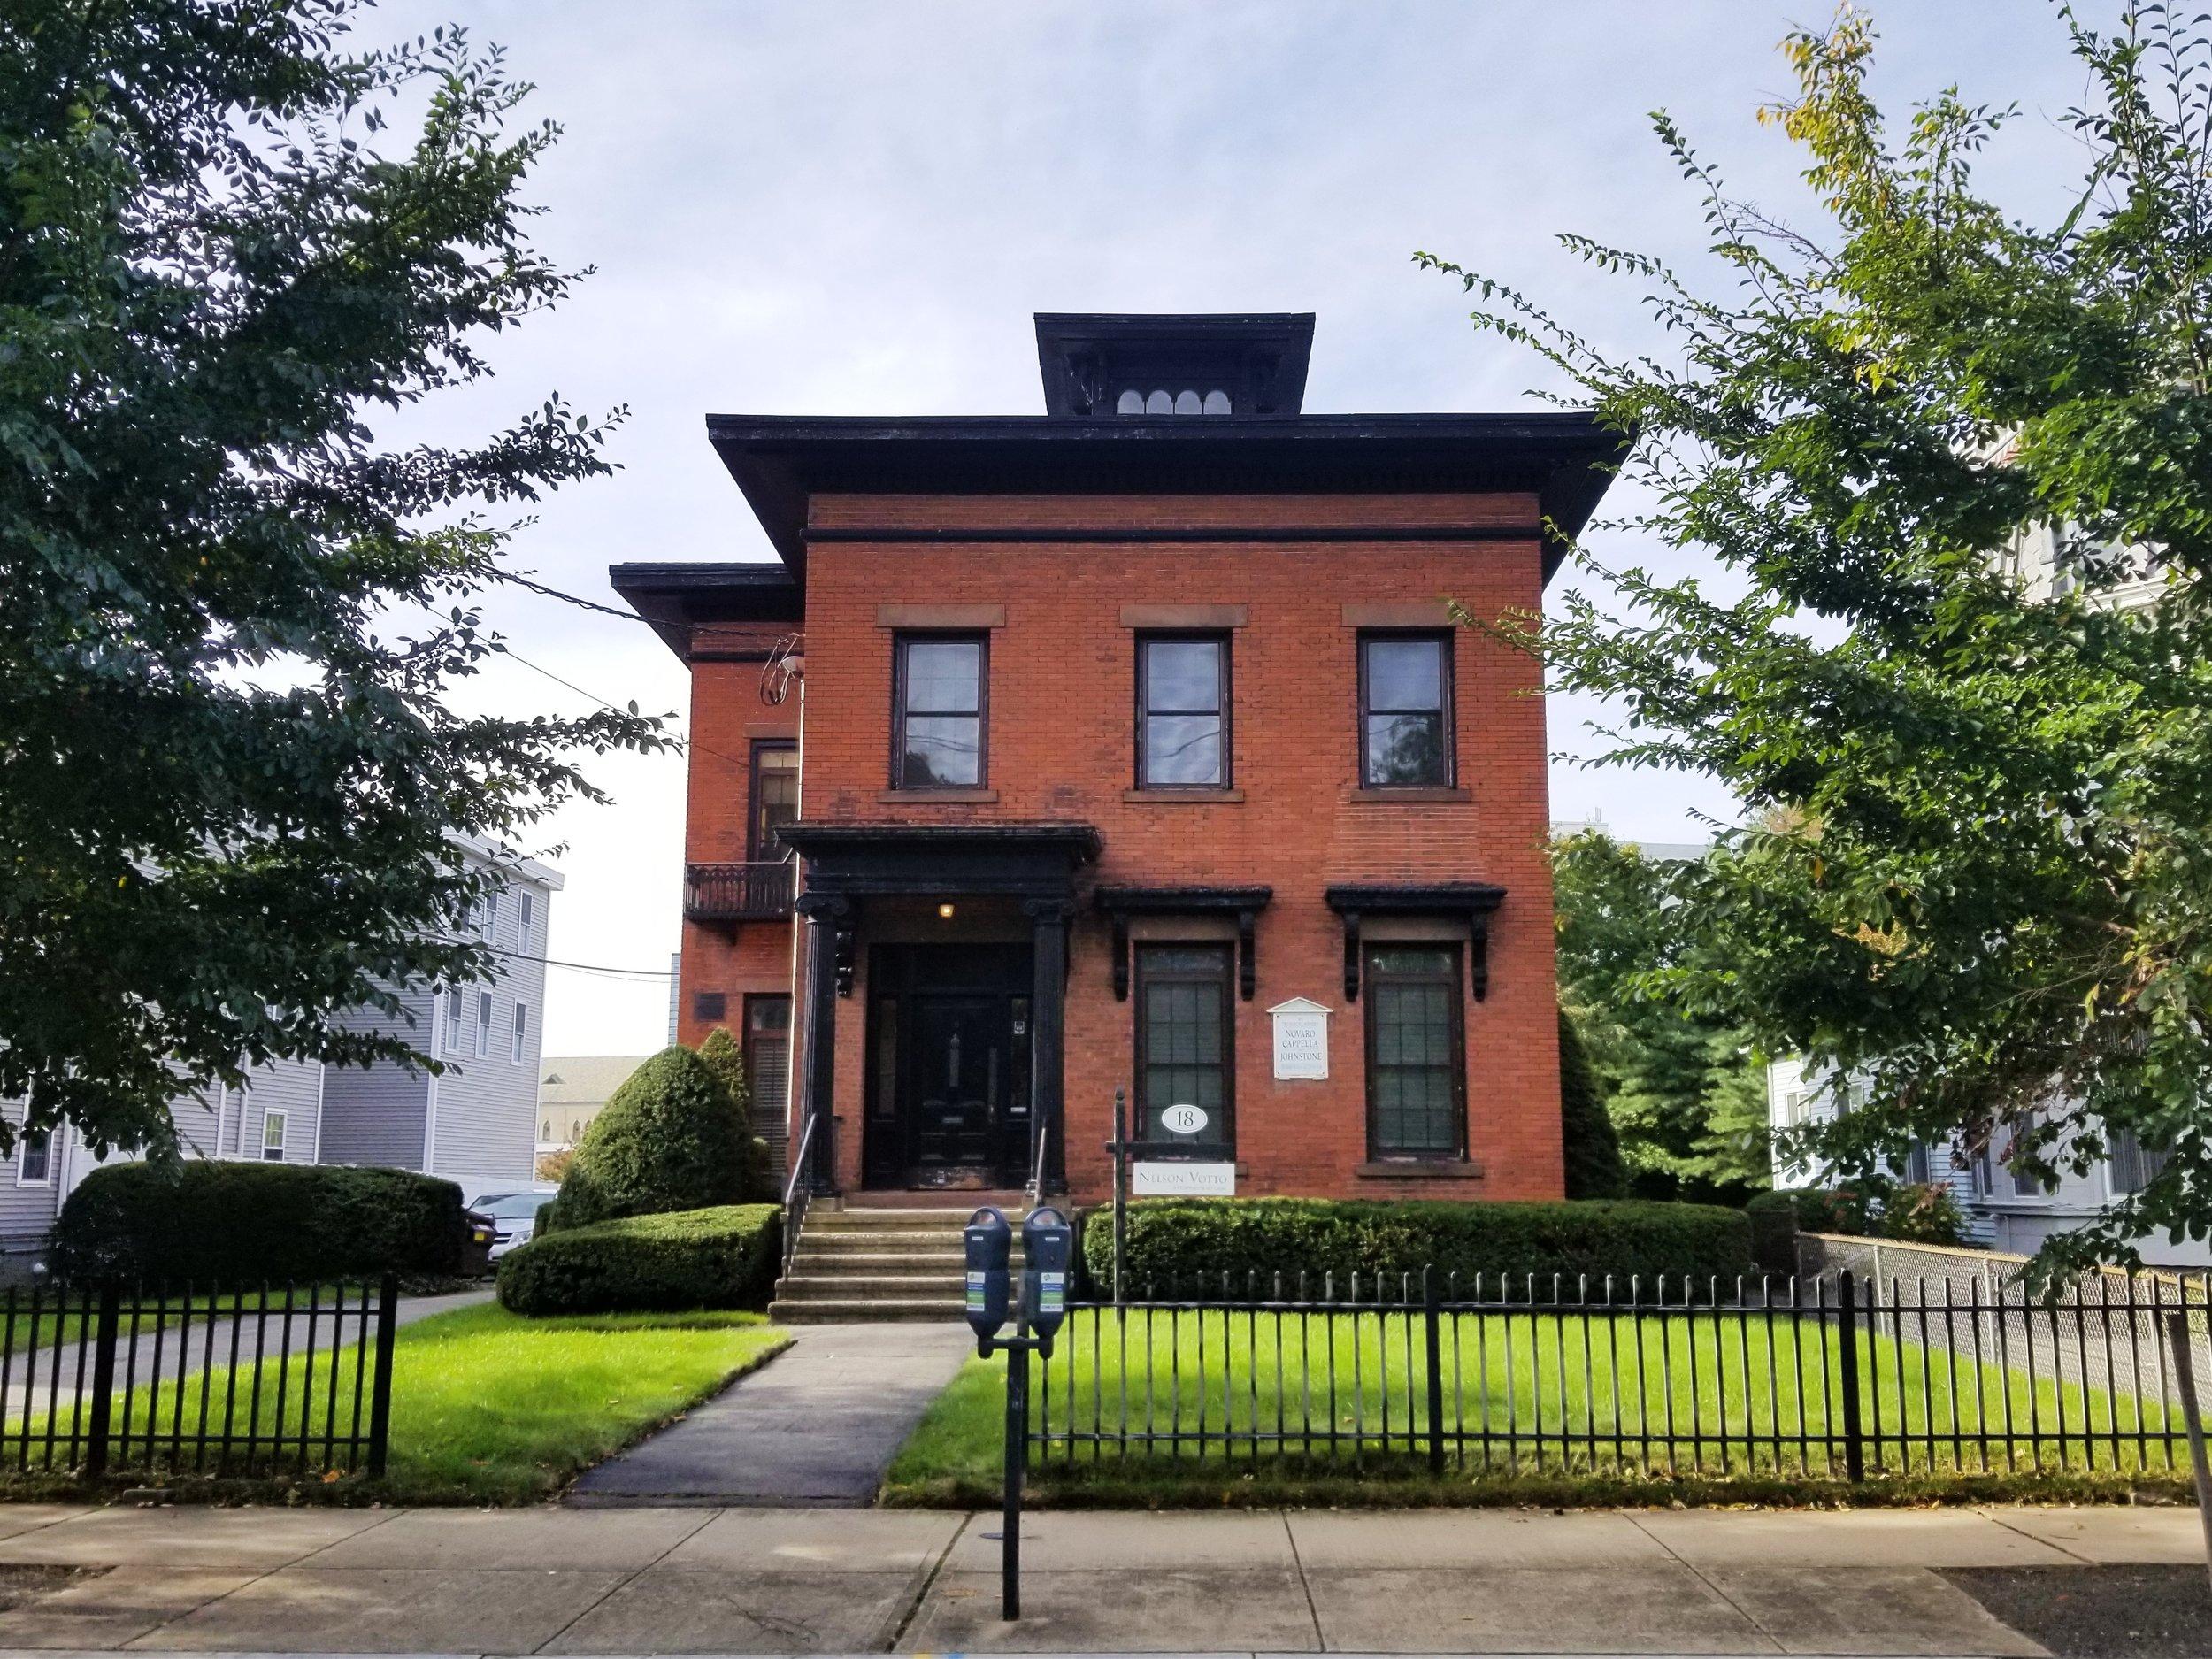 Lafayette B. Mendel House, 18 Trumbull Street. Architect: Henry Austin, 1858.